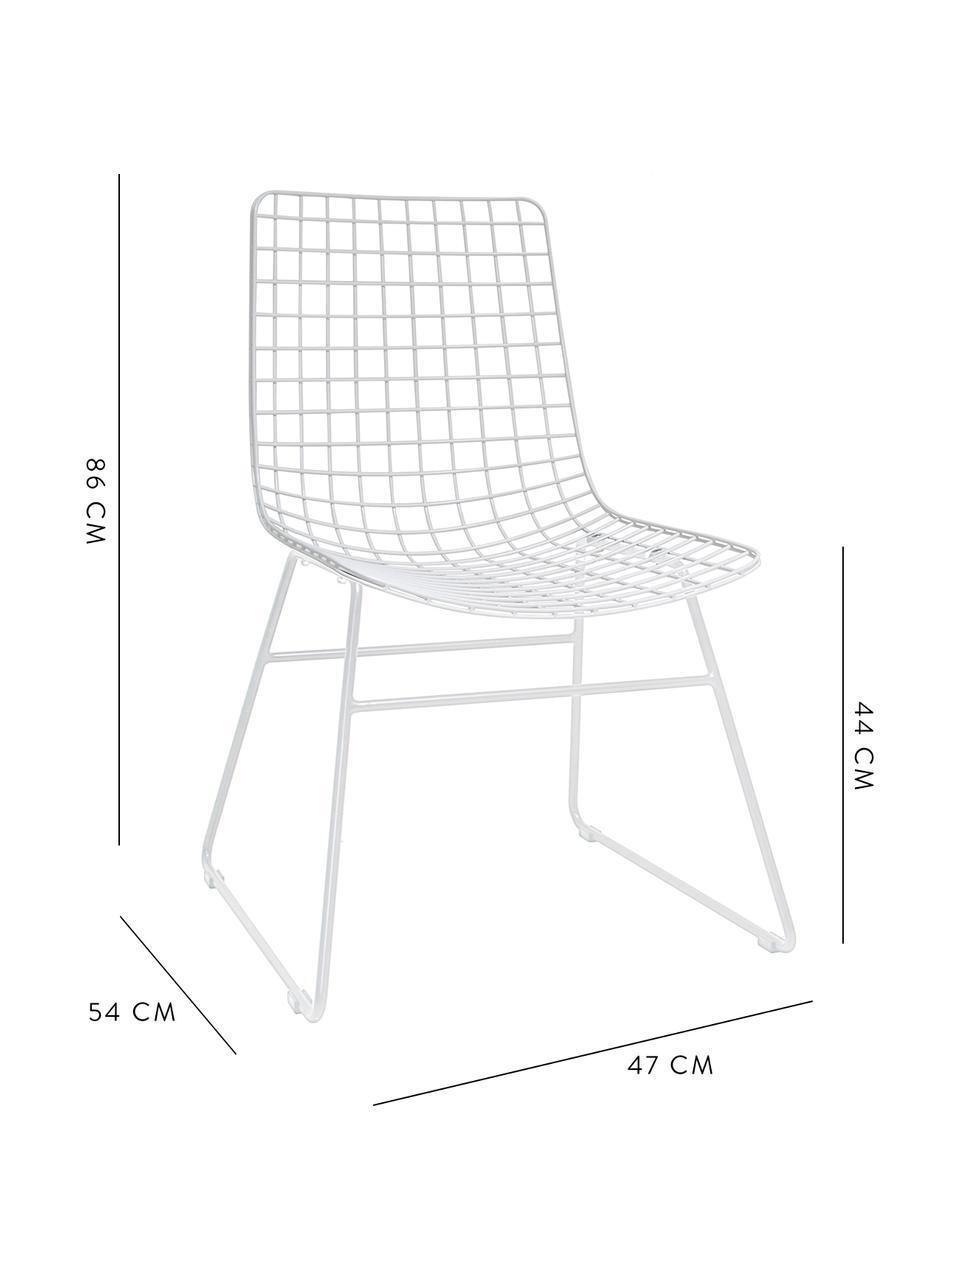 Sedia in metallo bianco Wire, Metallo verniciato a polvere, Bianco, Larg. 47 x Prof. 54 cm